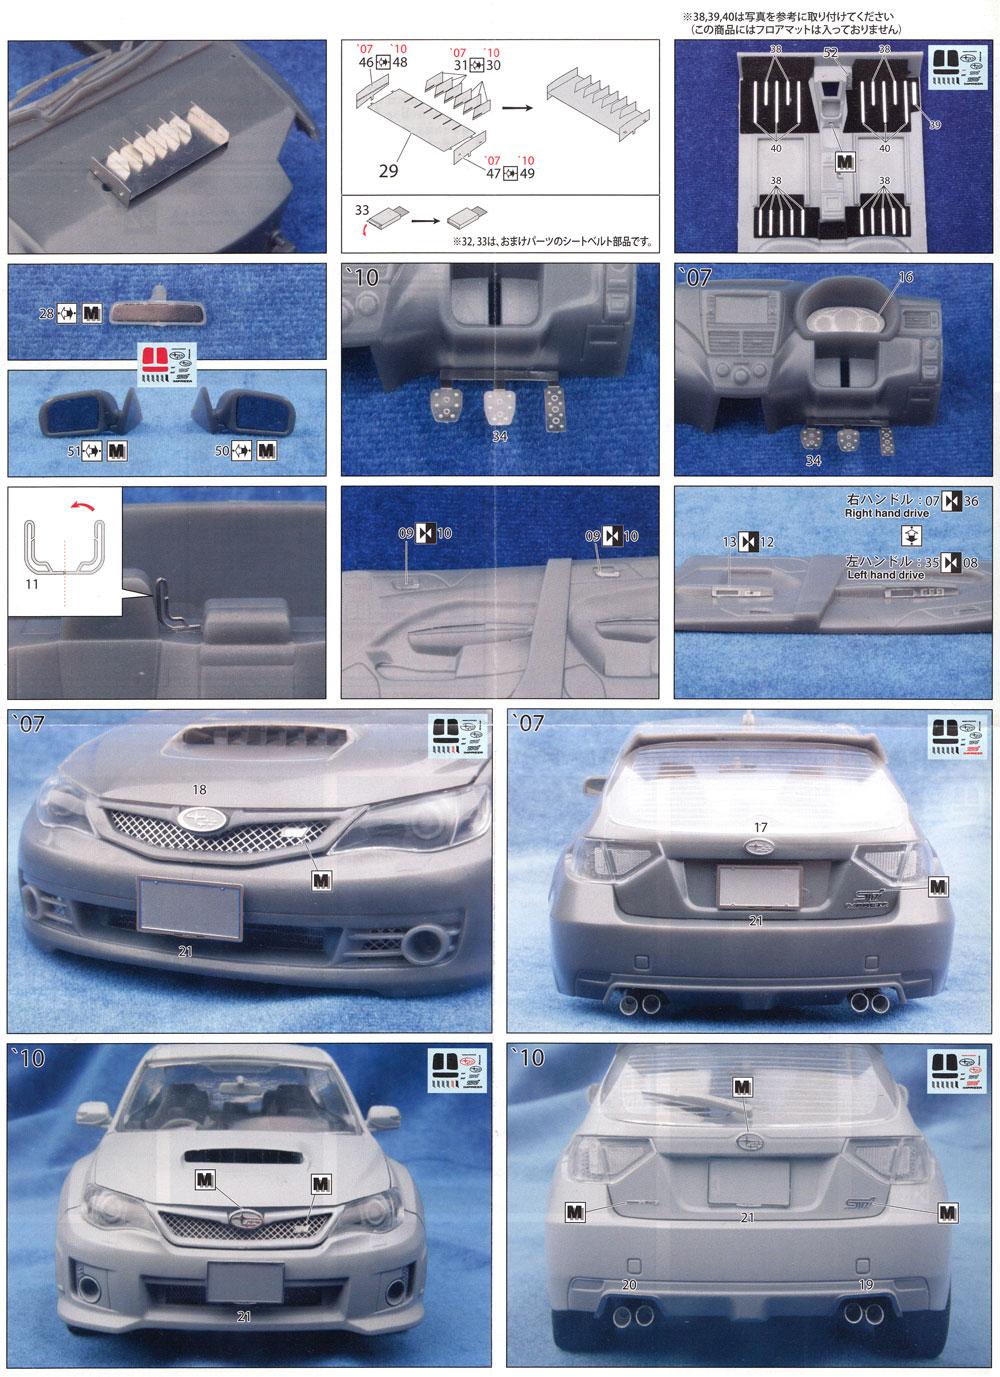 スバル GRB インプレッサ '07/'10 共通ディテールアップパーツセットエッチング(アオシマ1/24 ディテールアップパーツシリーズNo.002)商品画像_3